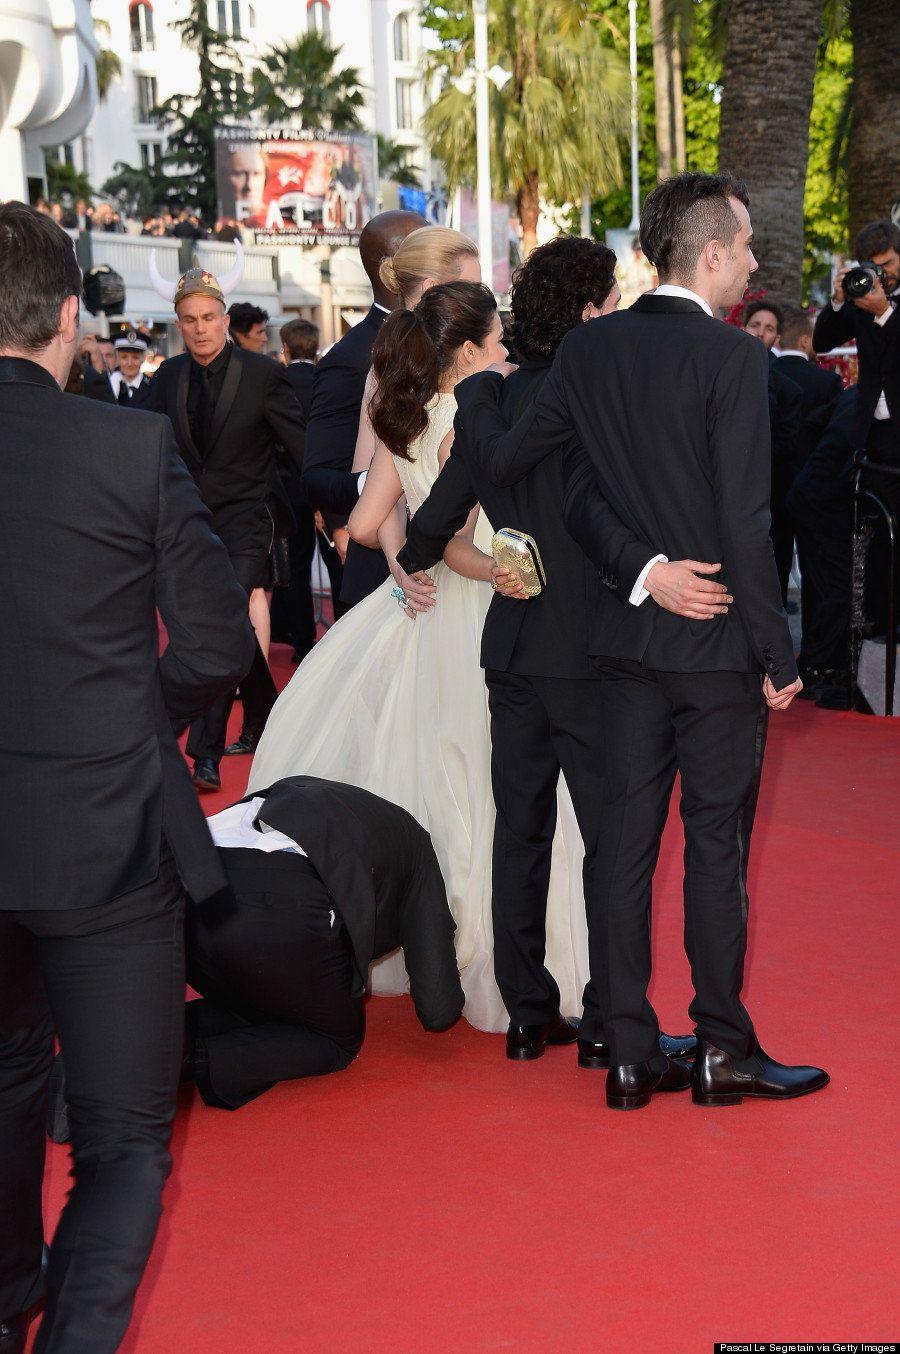 【カンヌ】『アグリー・ベティ』のアメリカ・フェレーラのドレスに男性が頭を突っ込んで取り押さえられる(画像)